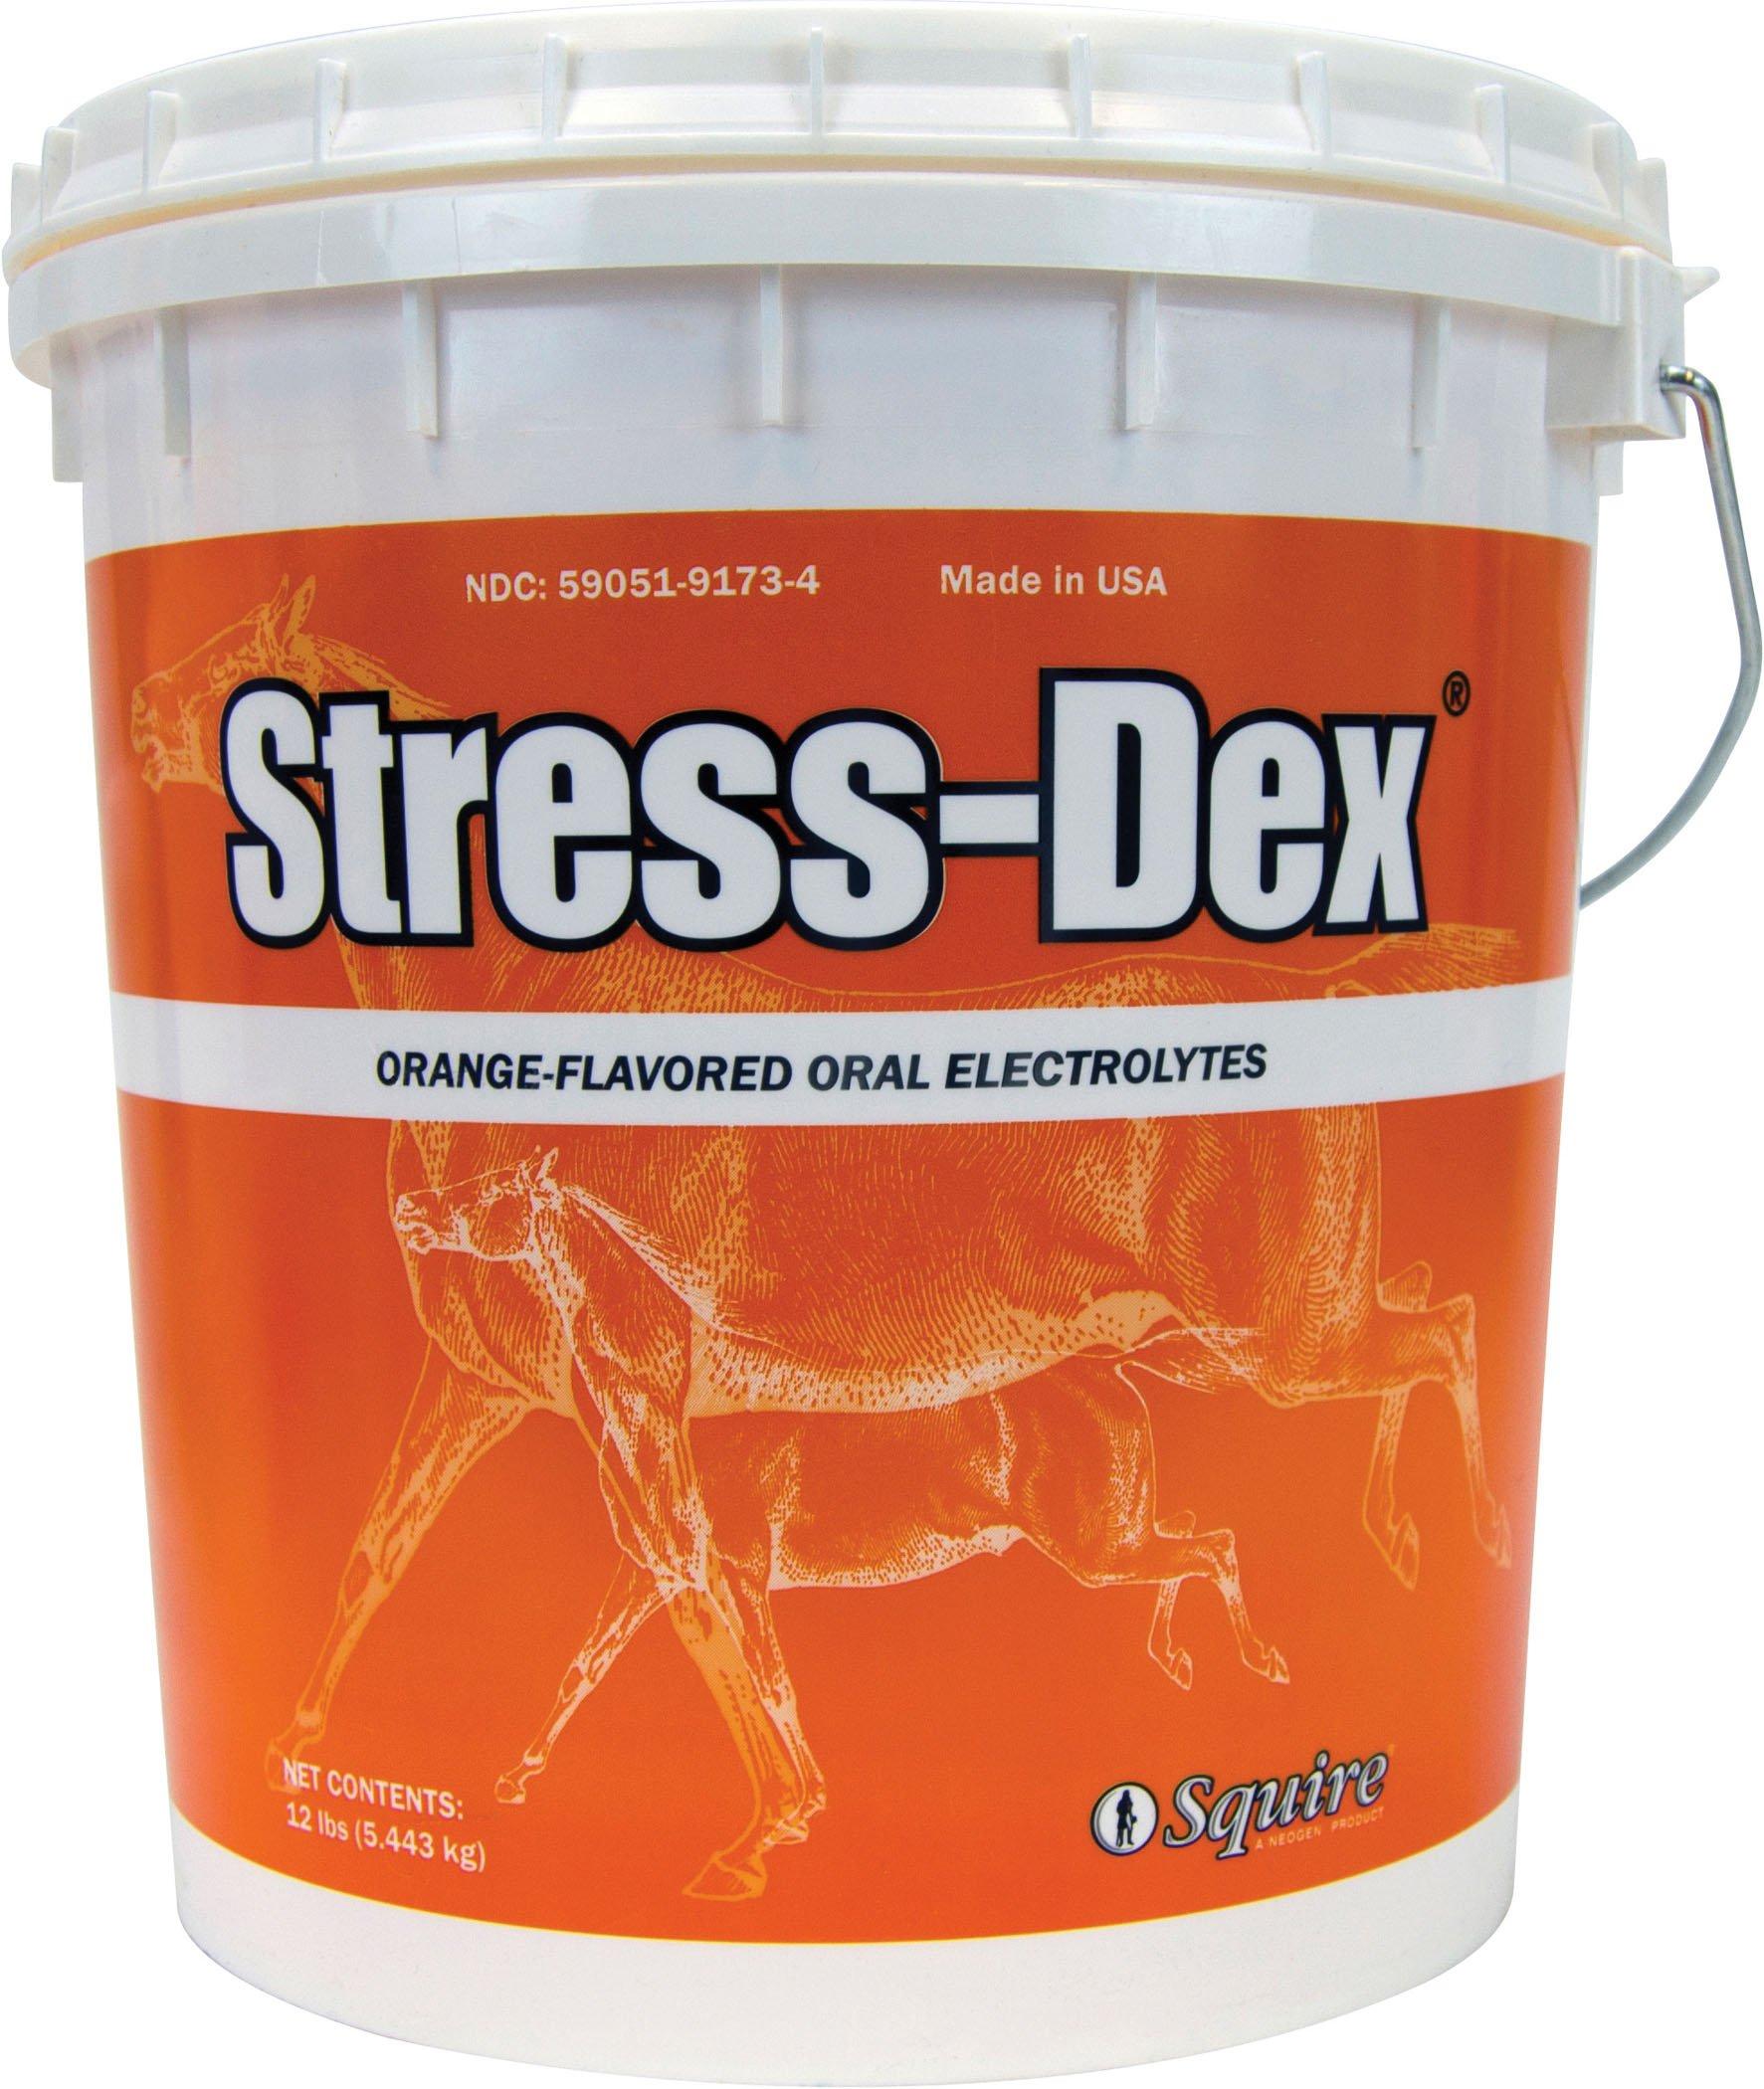 Neogen Squire D Stress-Dex Electrolyte Powder 580236 by Neogen Squire D